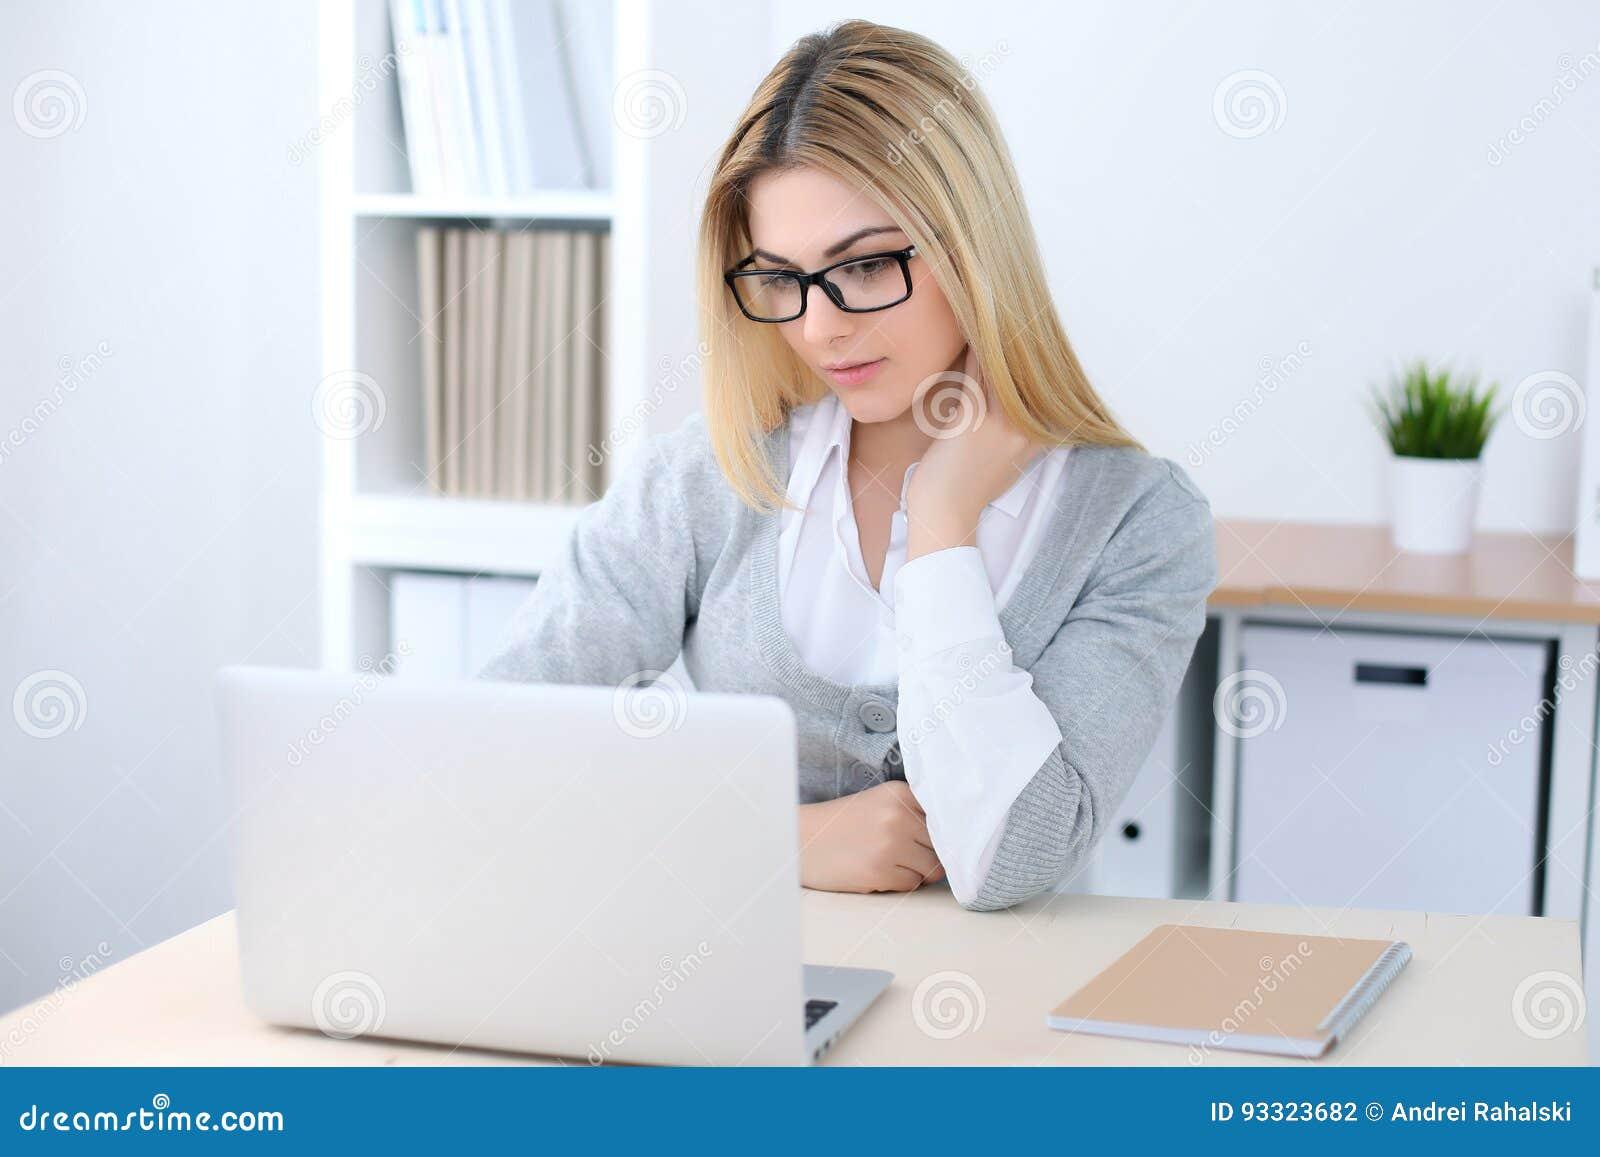 坐在有便携式计算机的办公室工作场所的年轻女商人或学生女孩 家庭企业概念